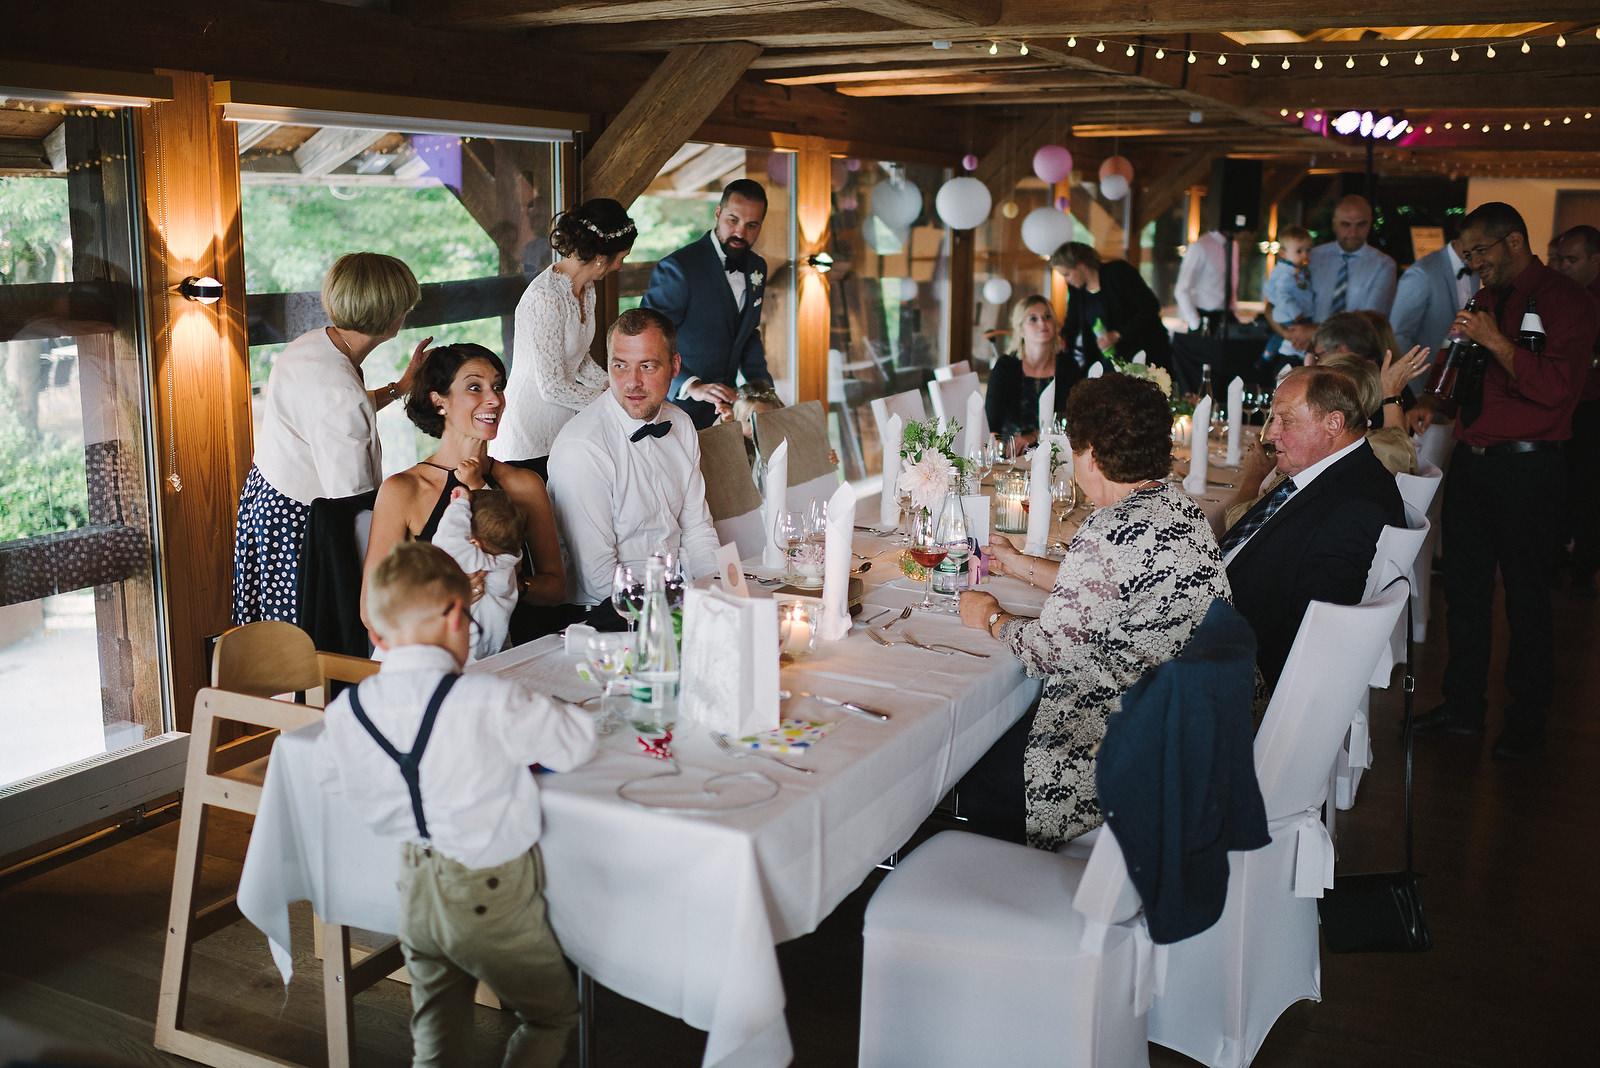 Fotograf Konstanz - Hochzeitsfotograf Reutlingen Achalm Hochzeit EFP 76 - Documentary wedding story on the Achalm, Reutlingen  - 61 -